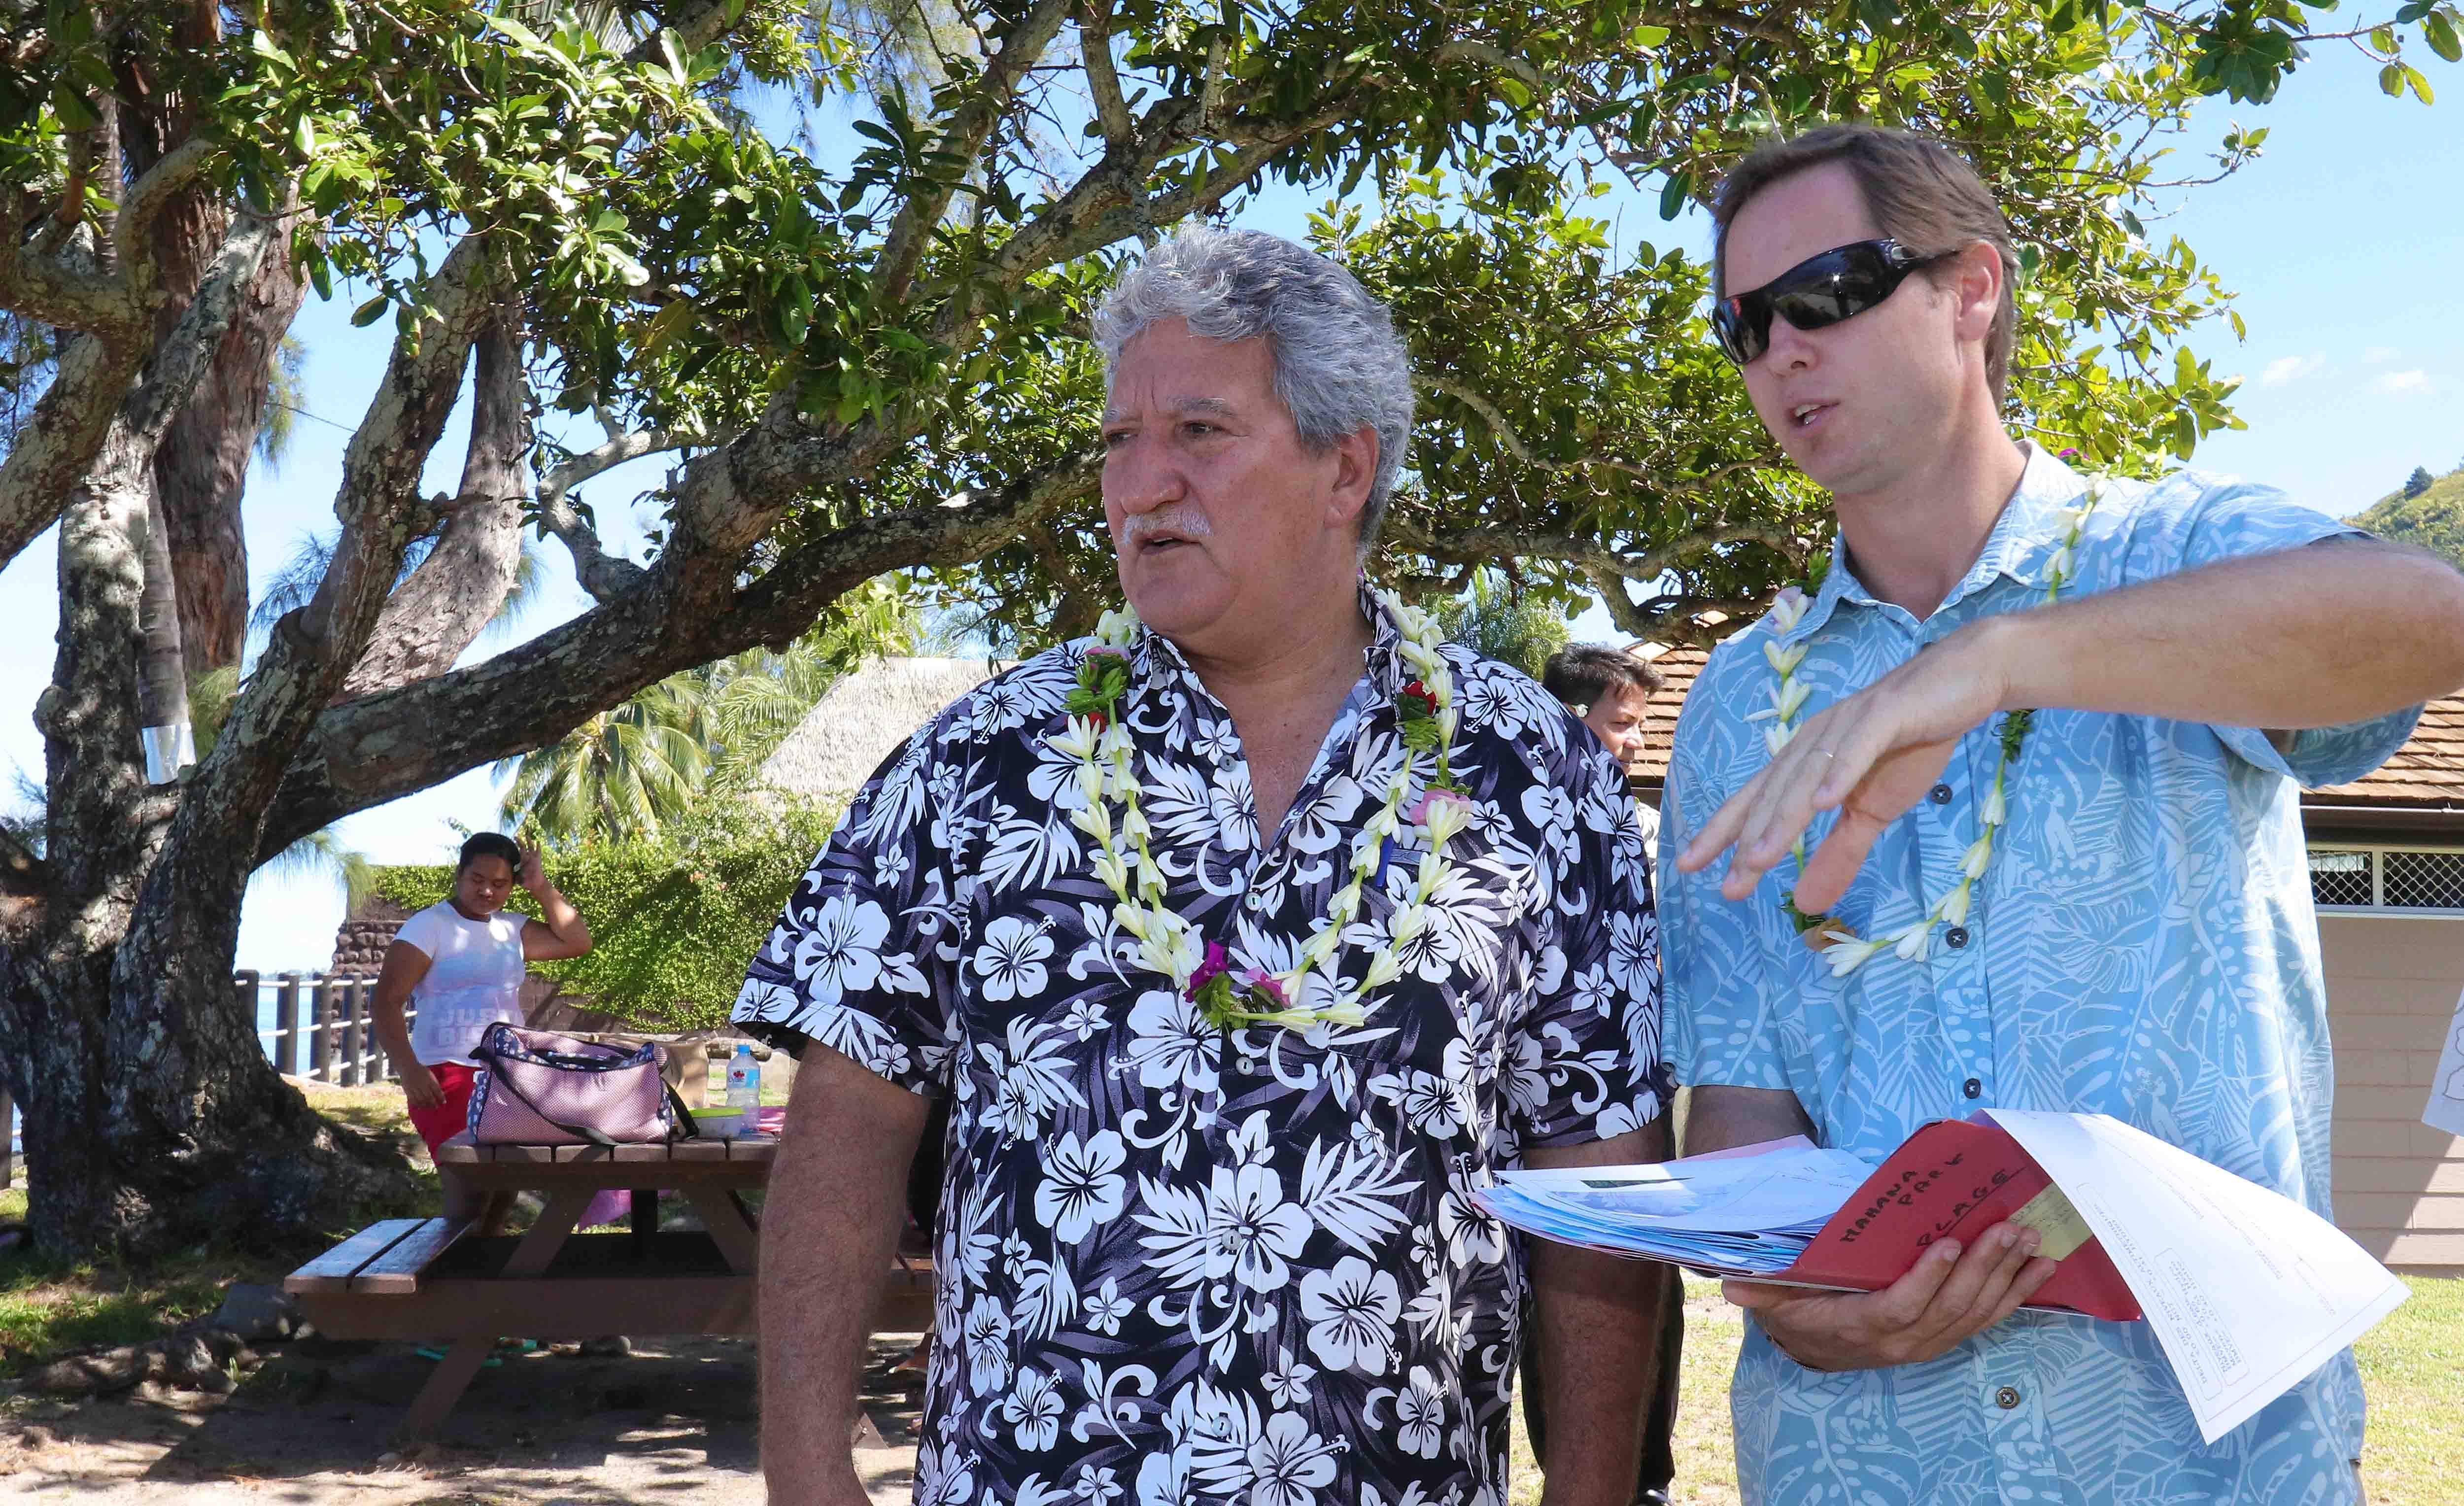 Le ministre du Tourisme Jean-Christophe Bouissou a inauguré vendredi les nouveaux aménagements de Mahana Park.